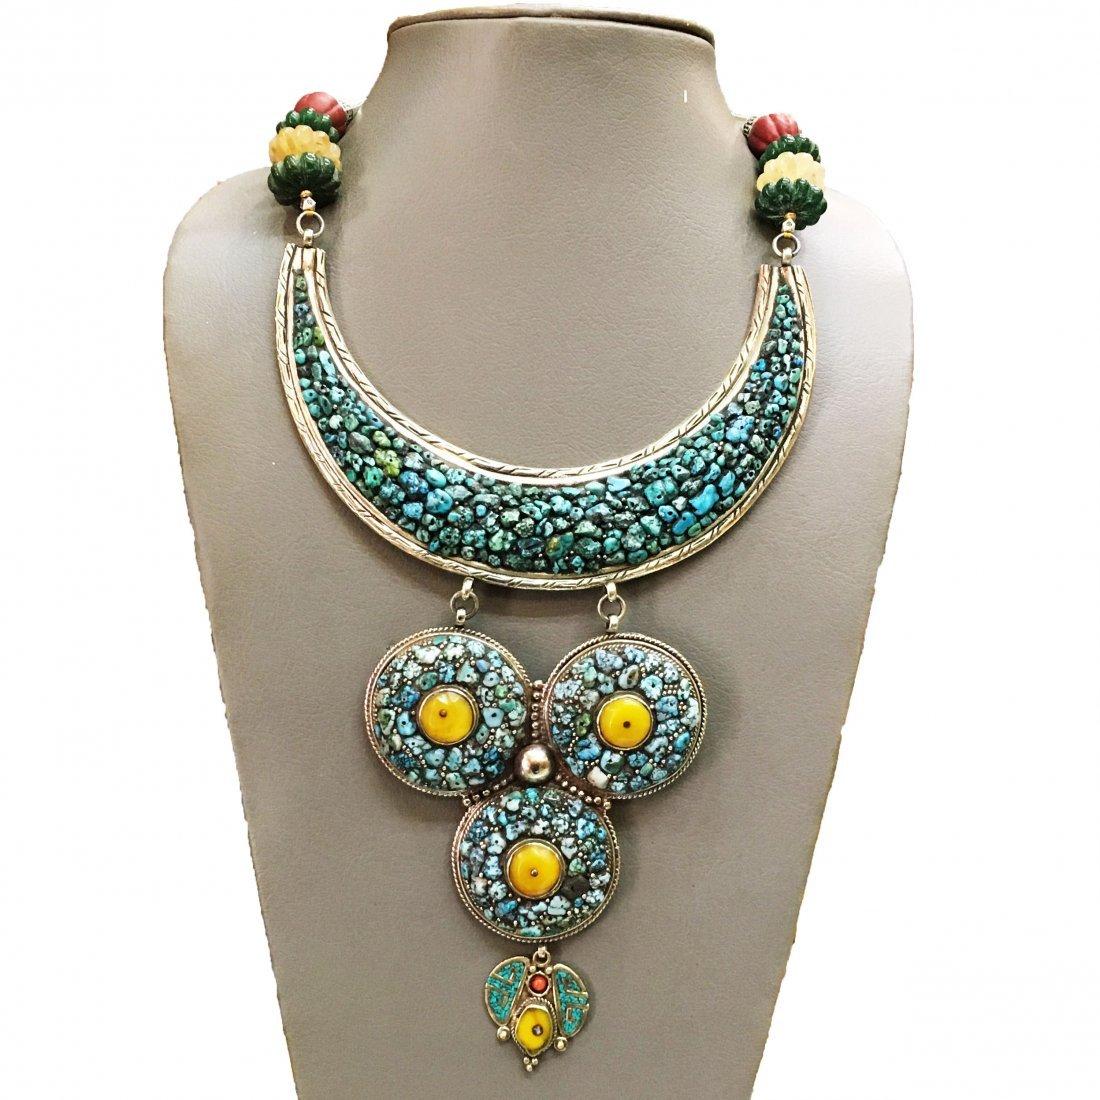 Turquoise & Amber Antique Boho Bold Handmade Necklace